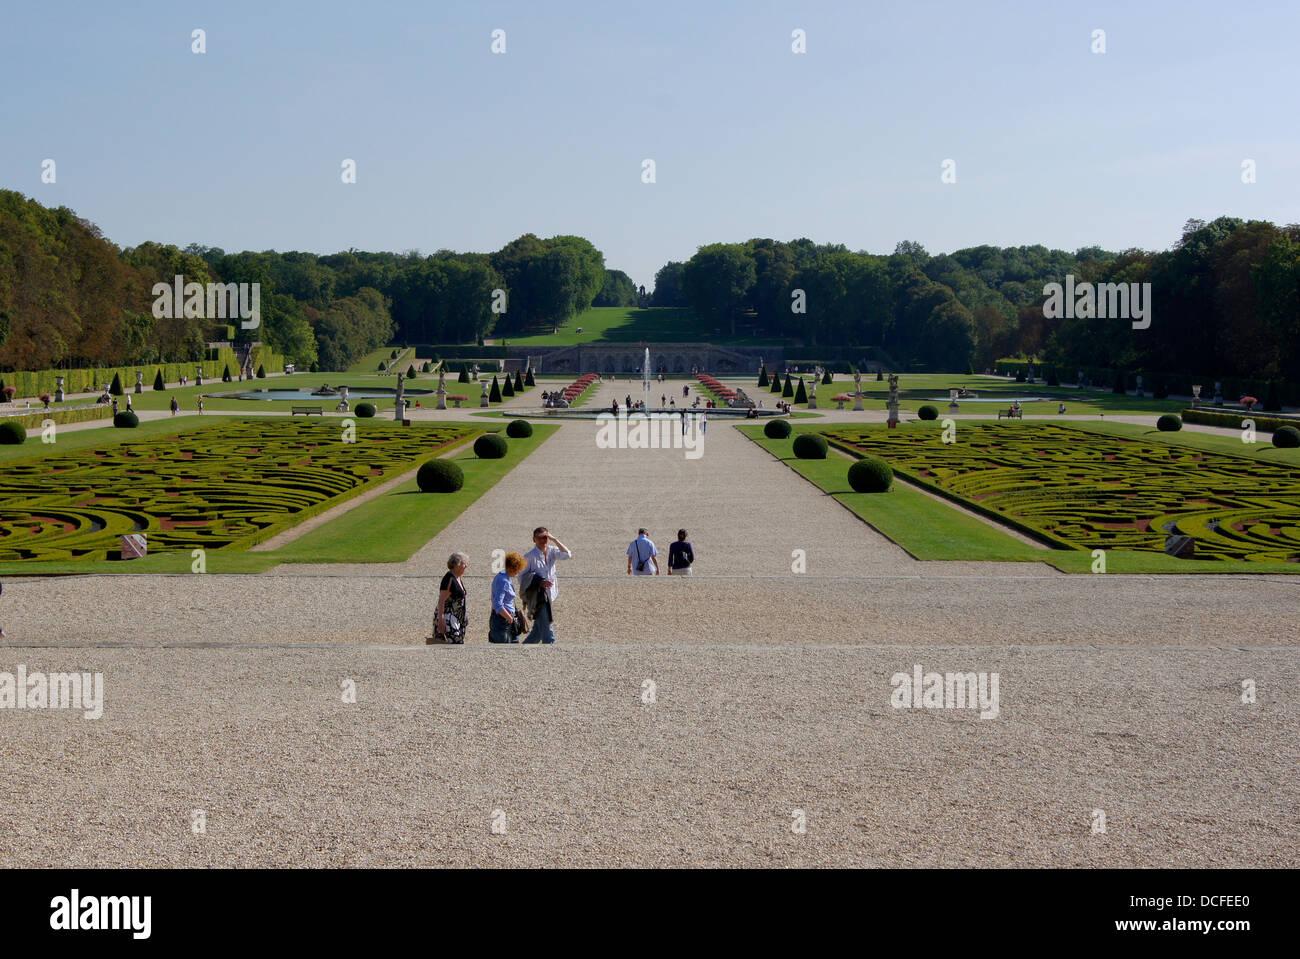 The 'Jardins à la Française' by Le Nôtre in Château de Vaux le Vicomte, France - Stock Image